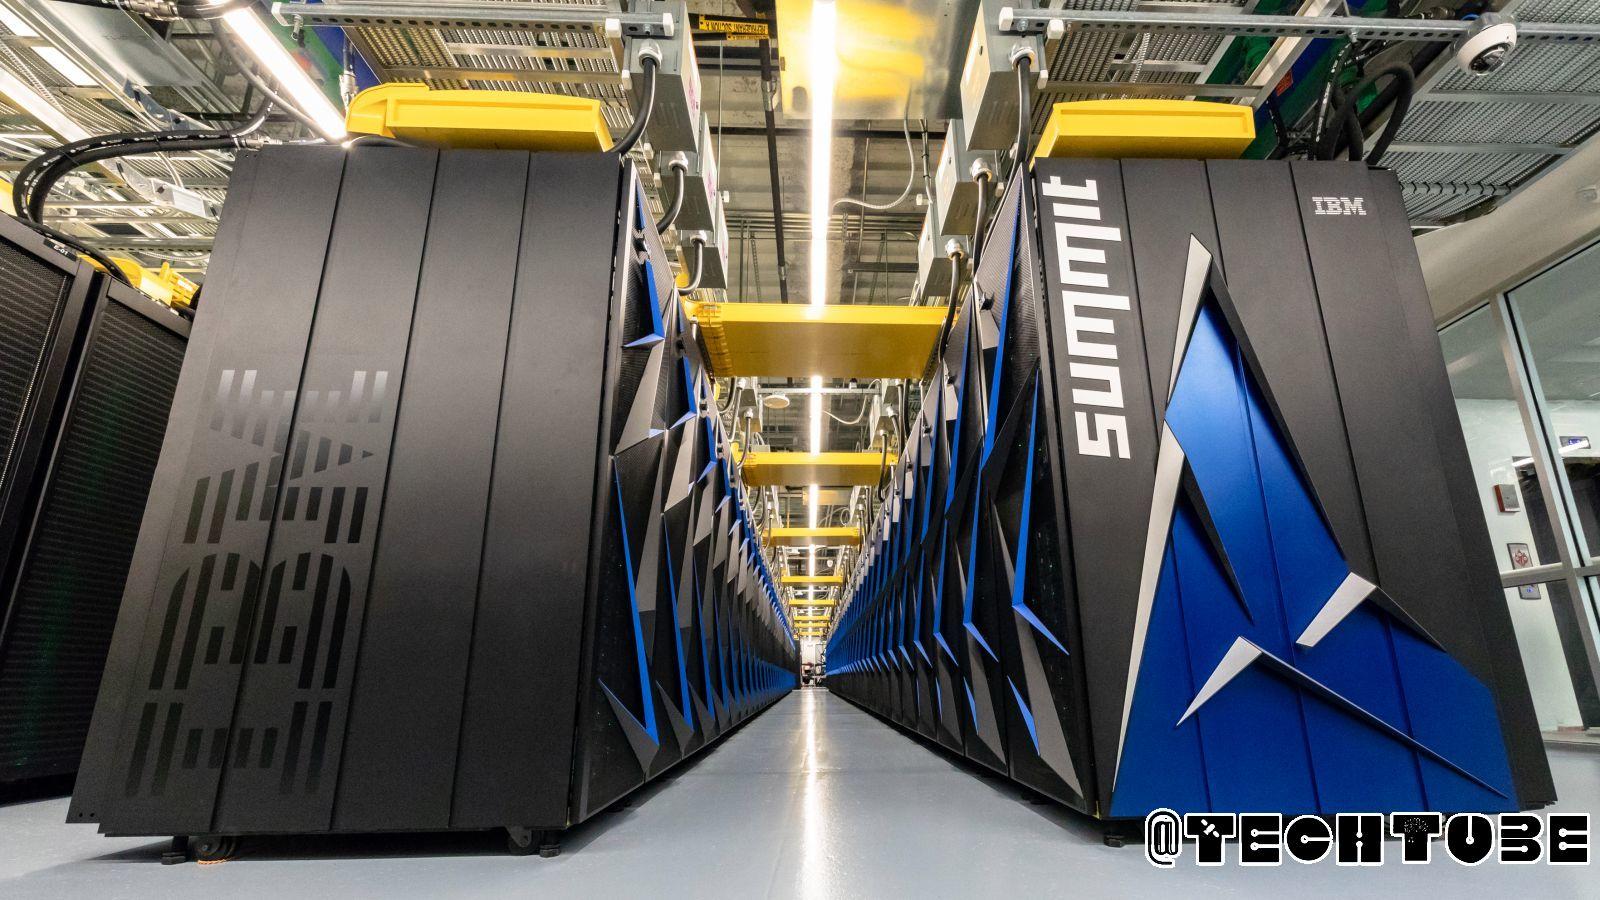 امریکا حالا دوباره قدرتمندترین سوپرکامپیوتر دنیا رو داره!